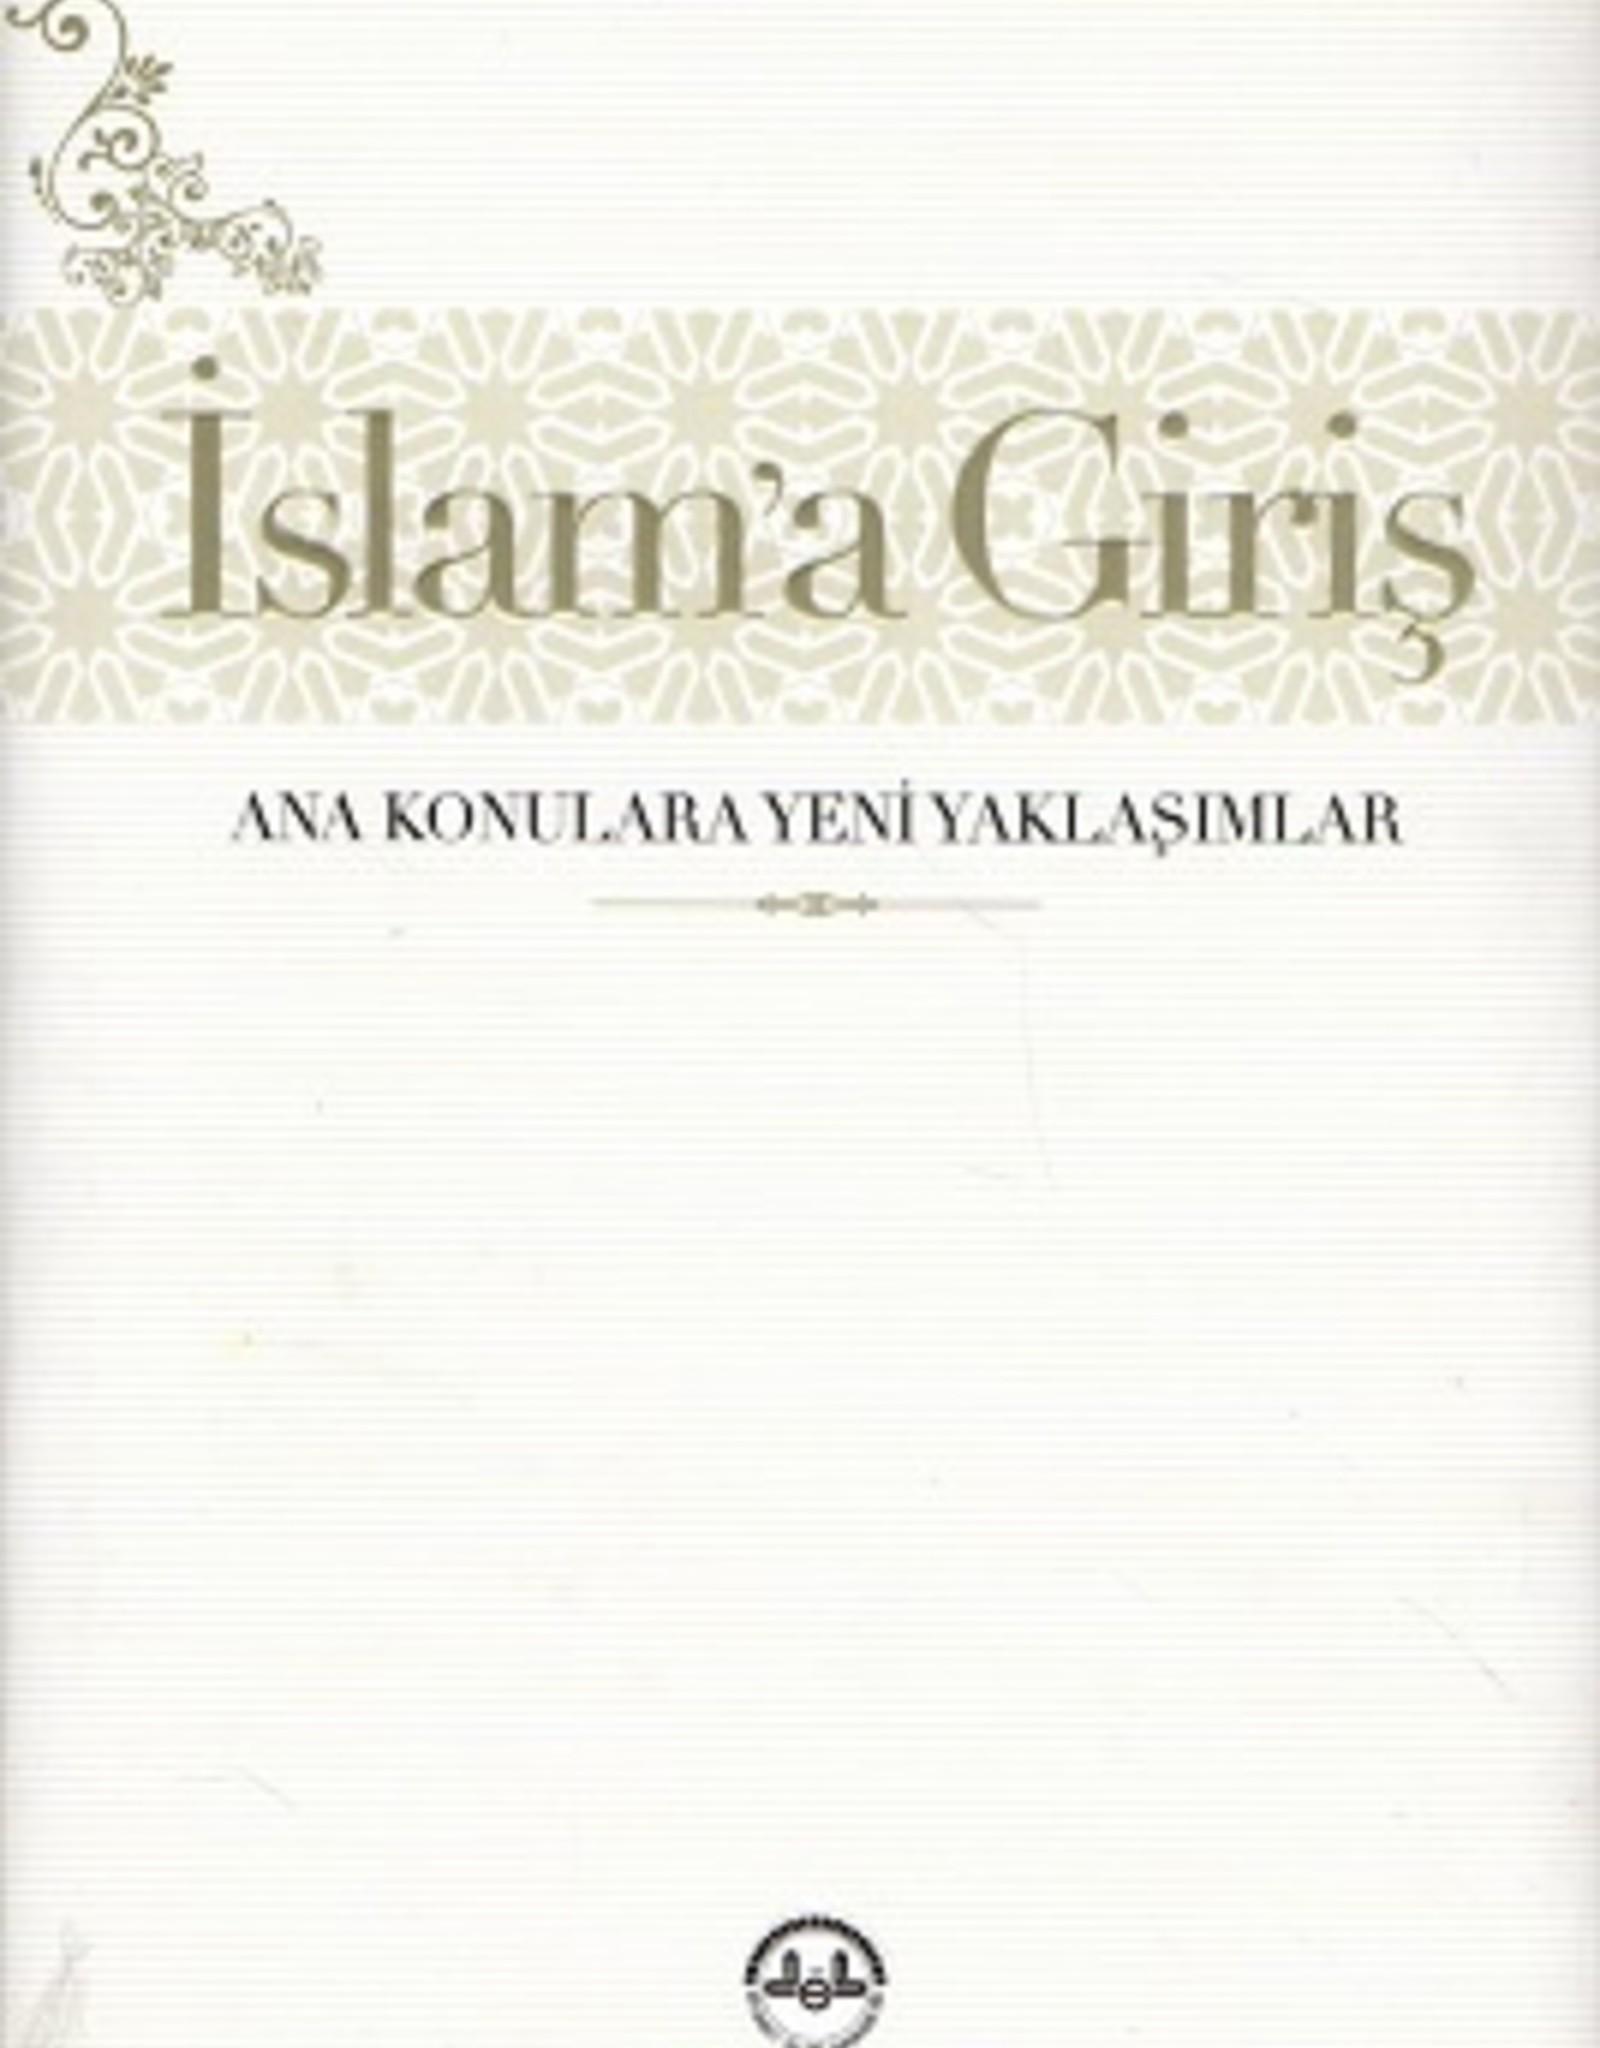 Islam'a Giriş  Ana Konulara Yeni Yaklaşımlar